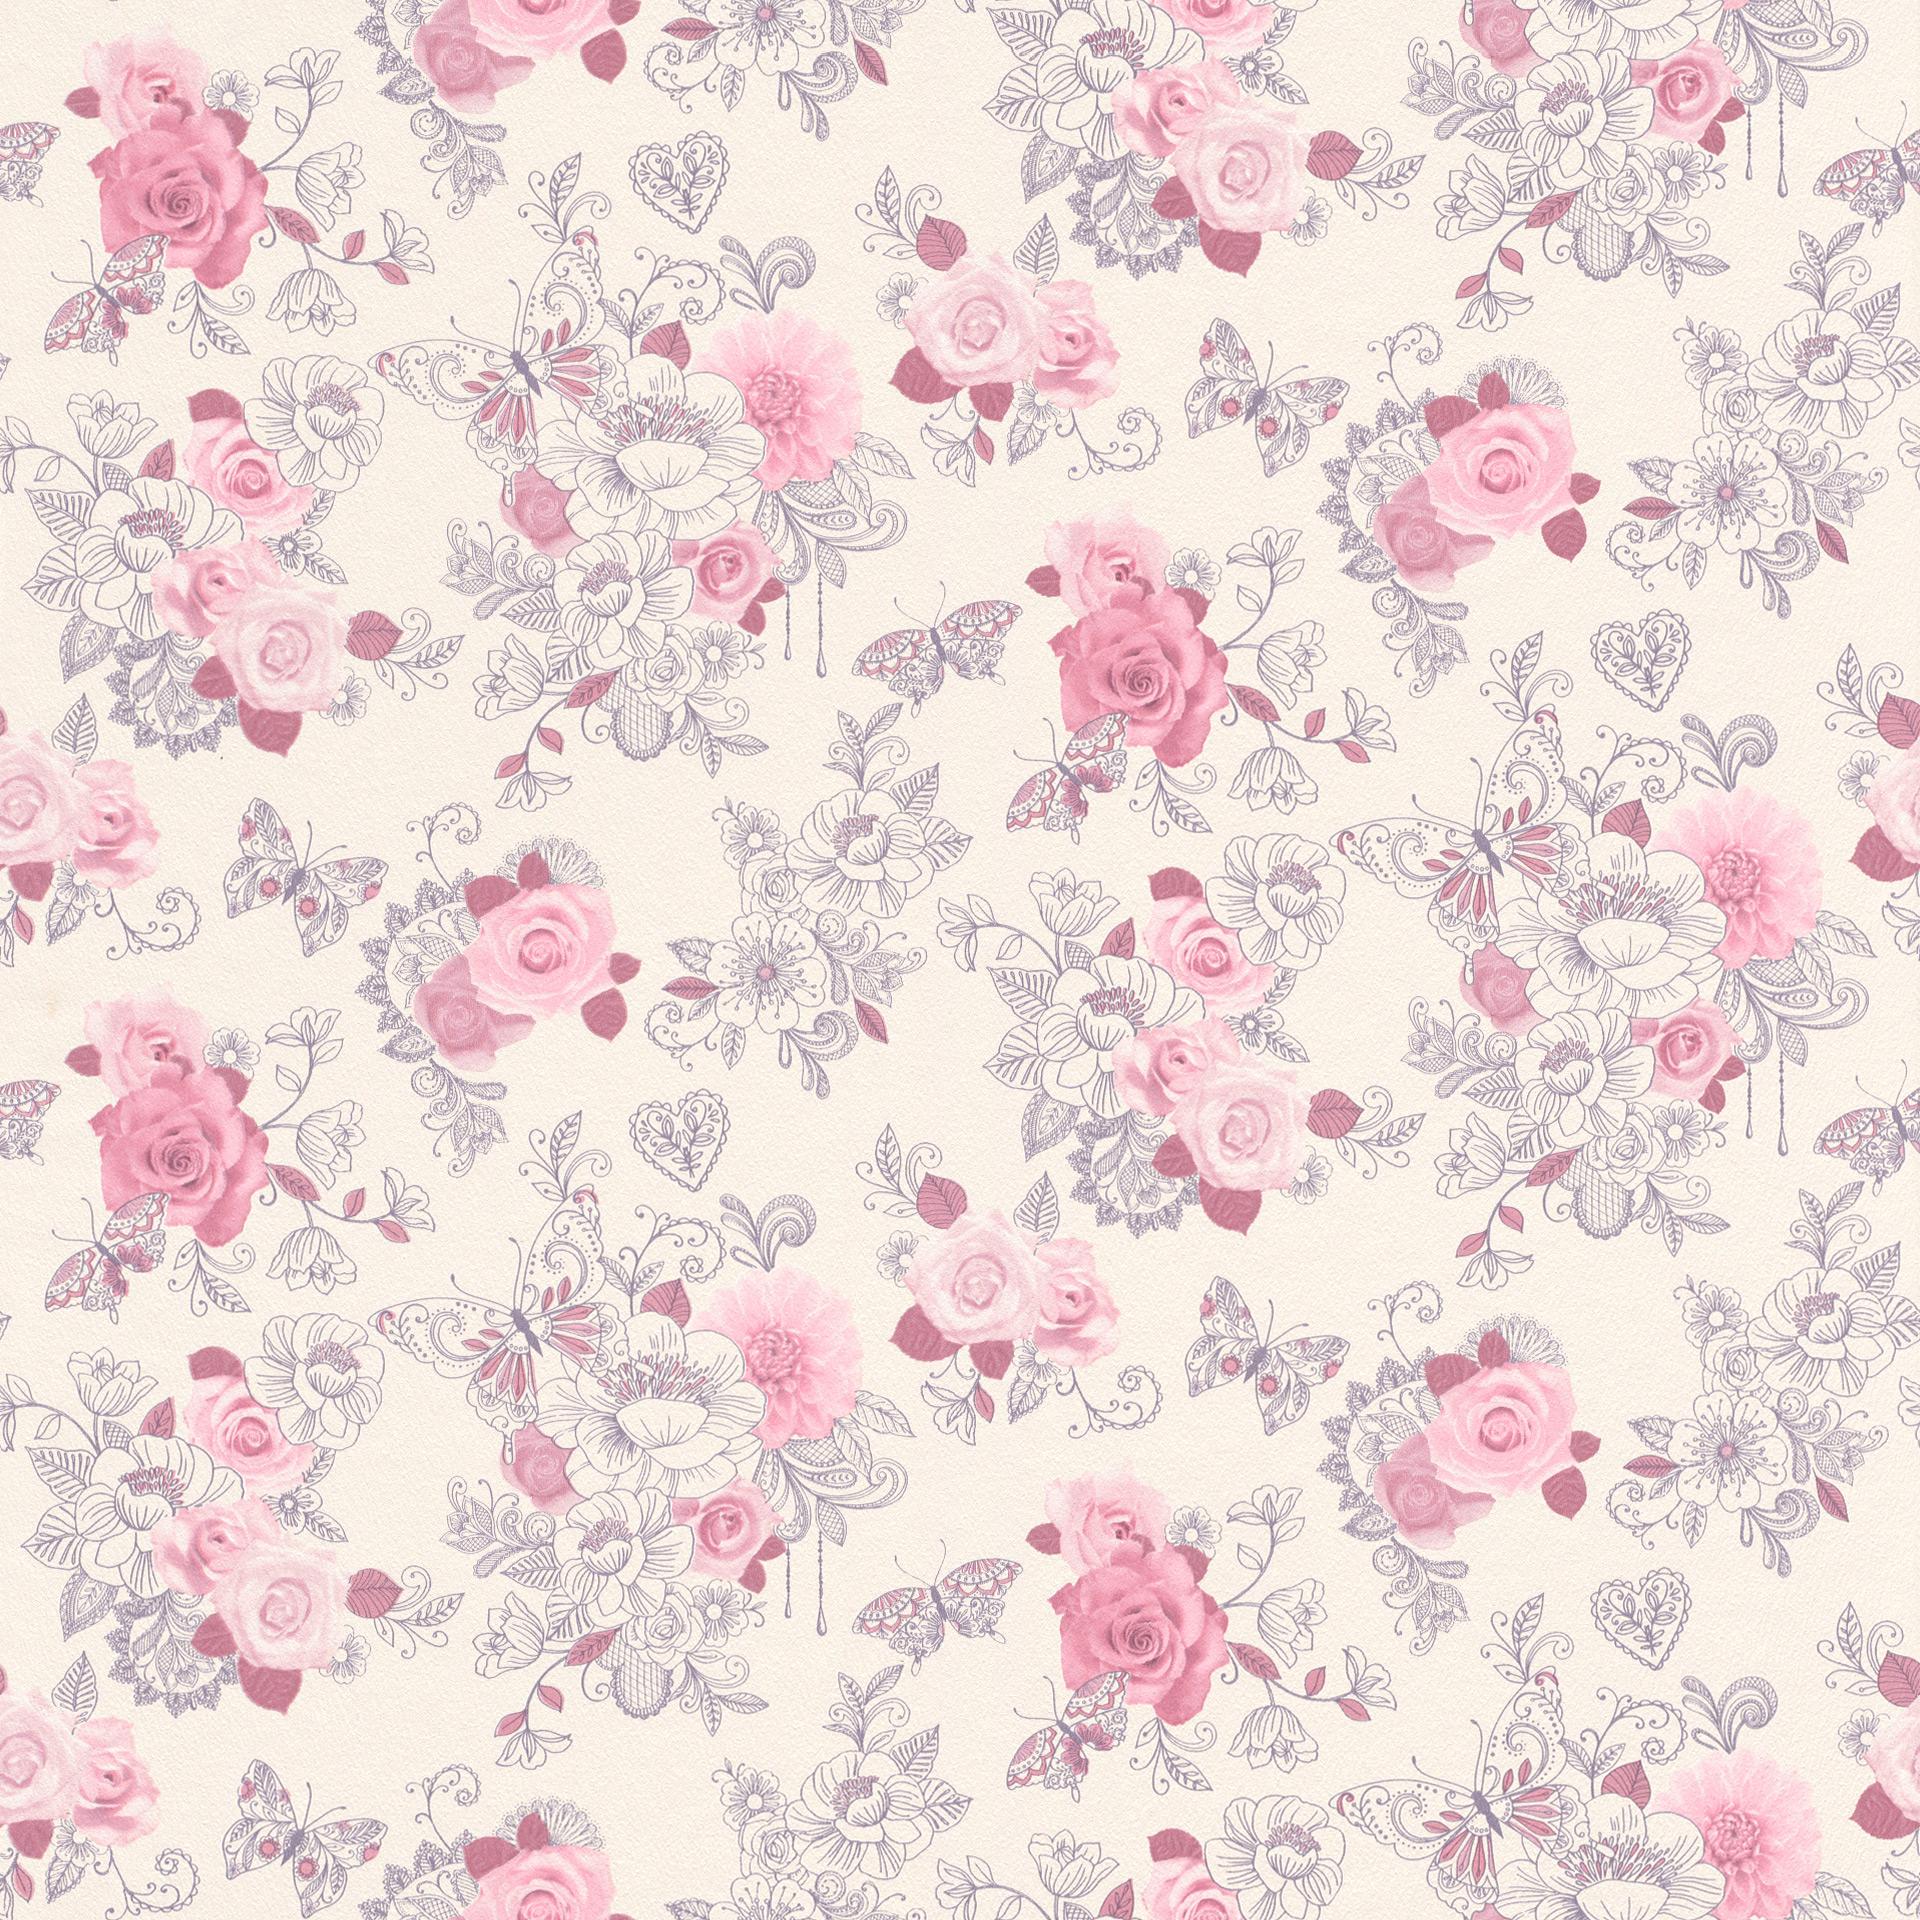 Blumen Tapete Rasch 202304 Papier Tapete Blumenschmetterling Rosa